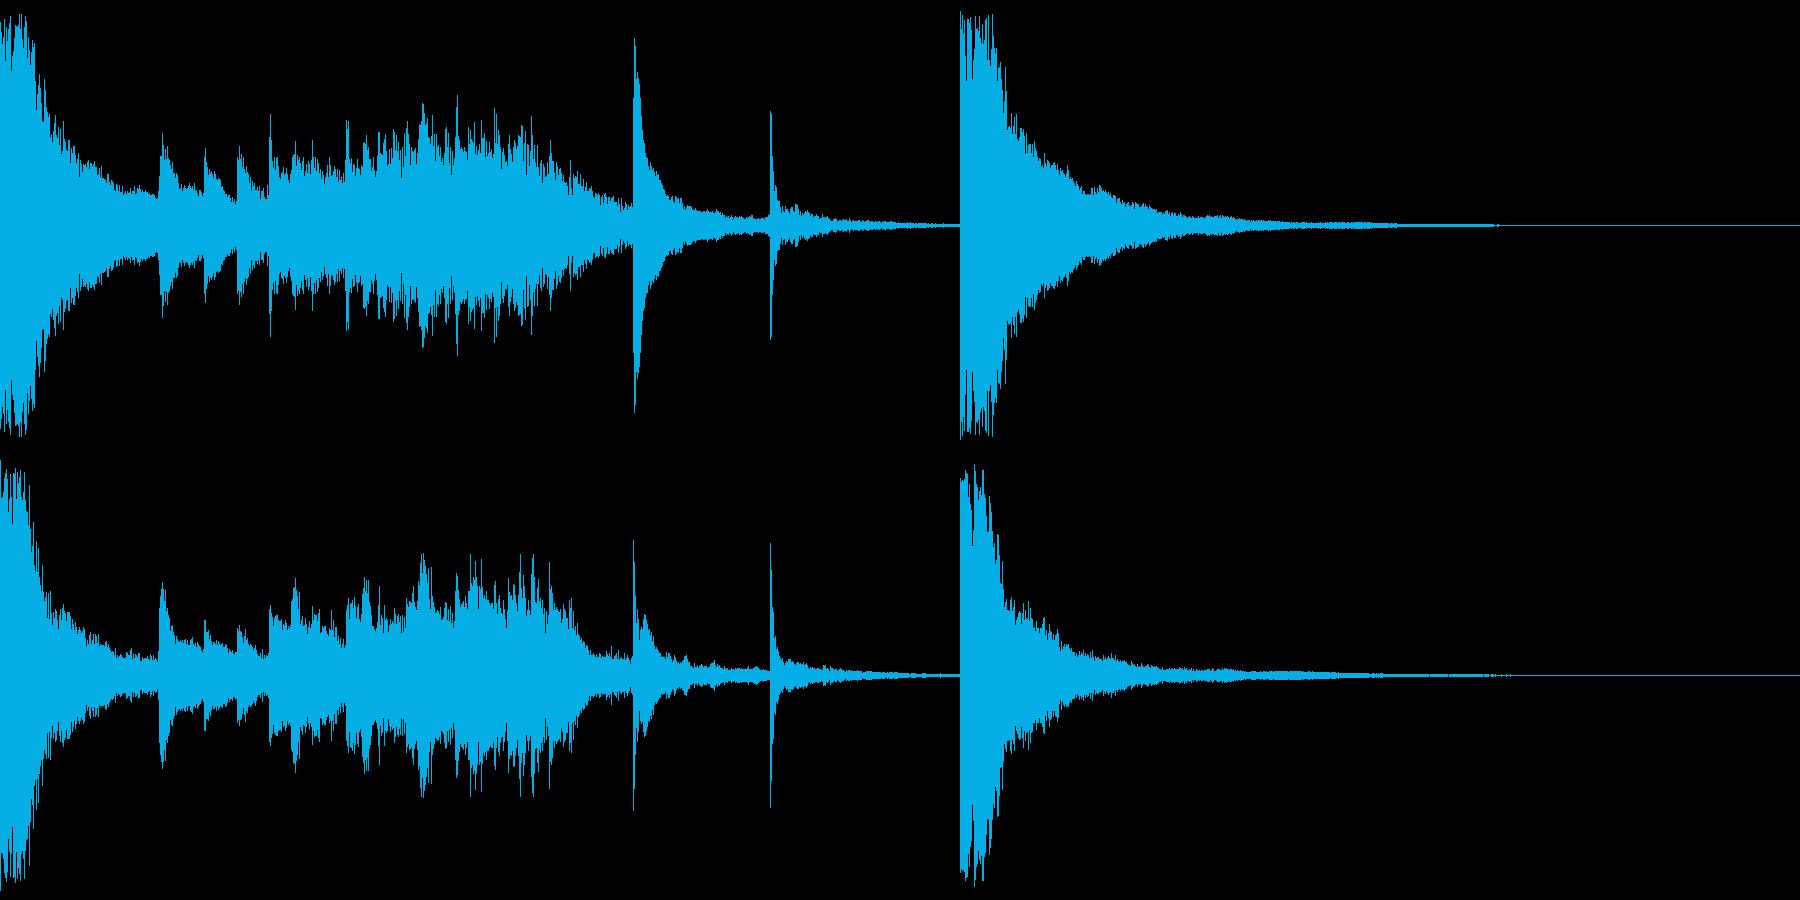 アイキャッチ系の和風曲の再生済みの波形